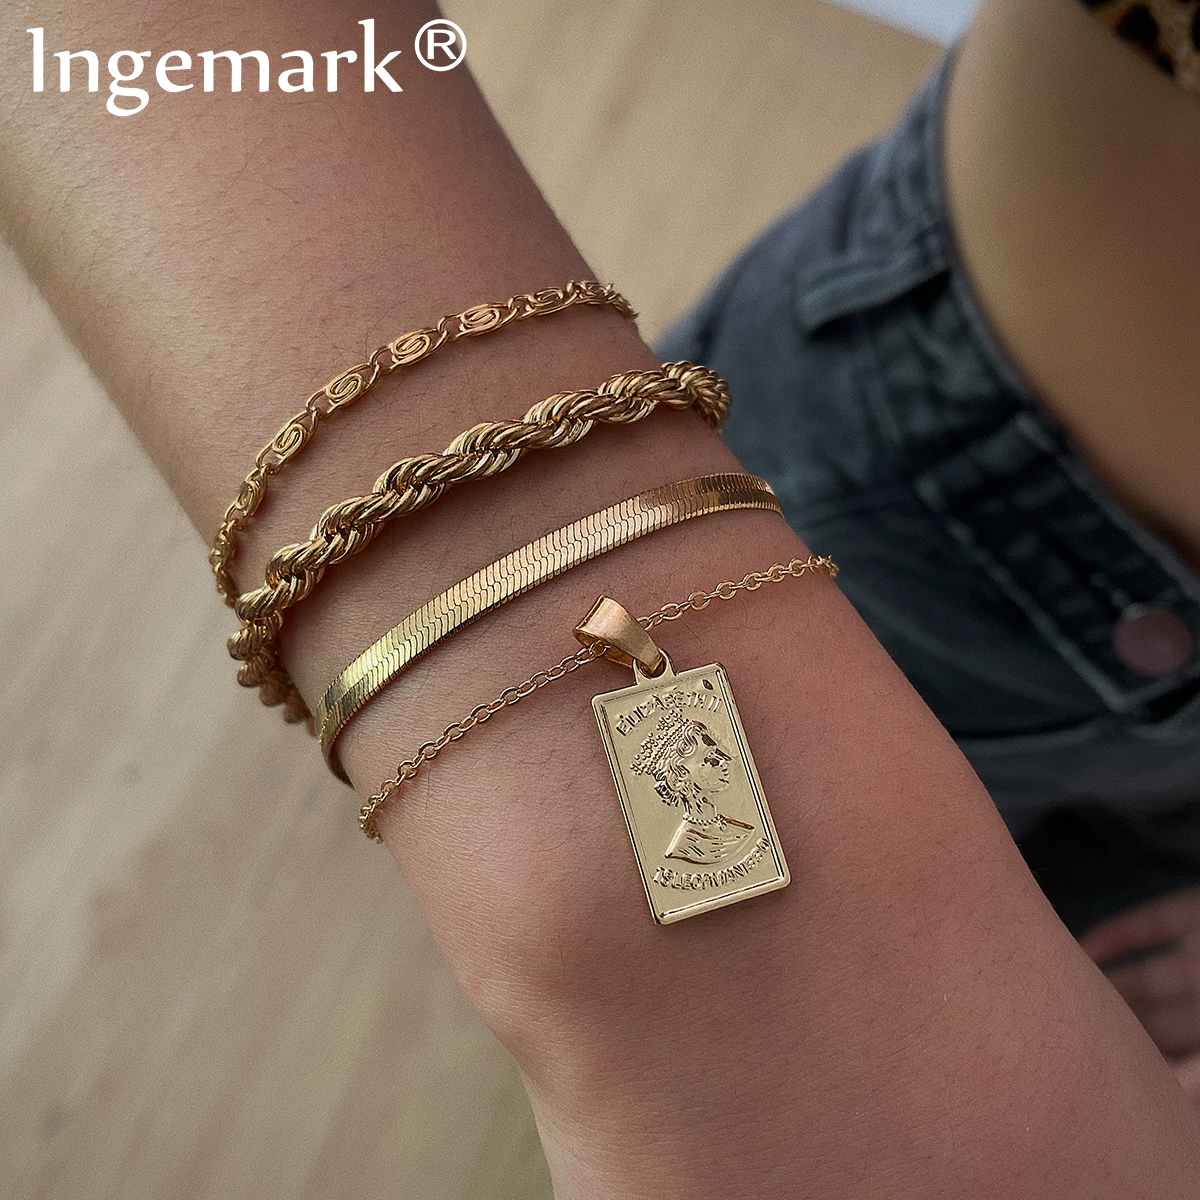 Женский браслет цепочка Ingemark, браслет в стиле панк с подвеской в виде ангела, ювелирное изделие Цепочки и браслеты      АлиЭкспресс